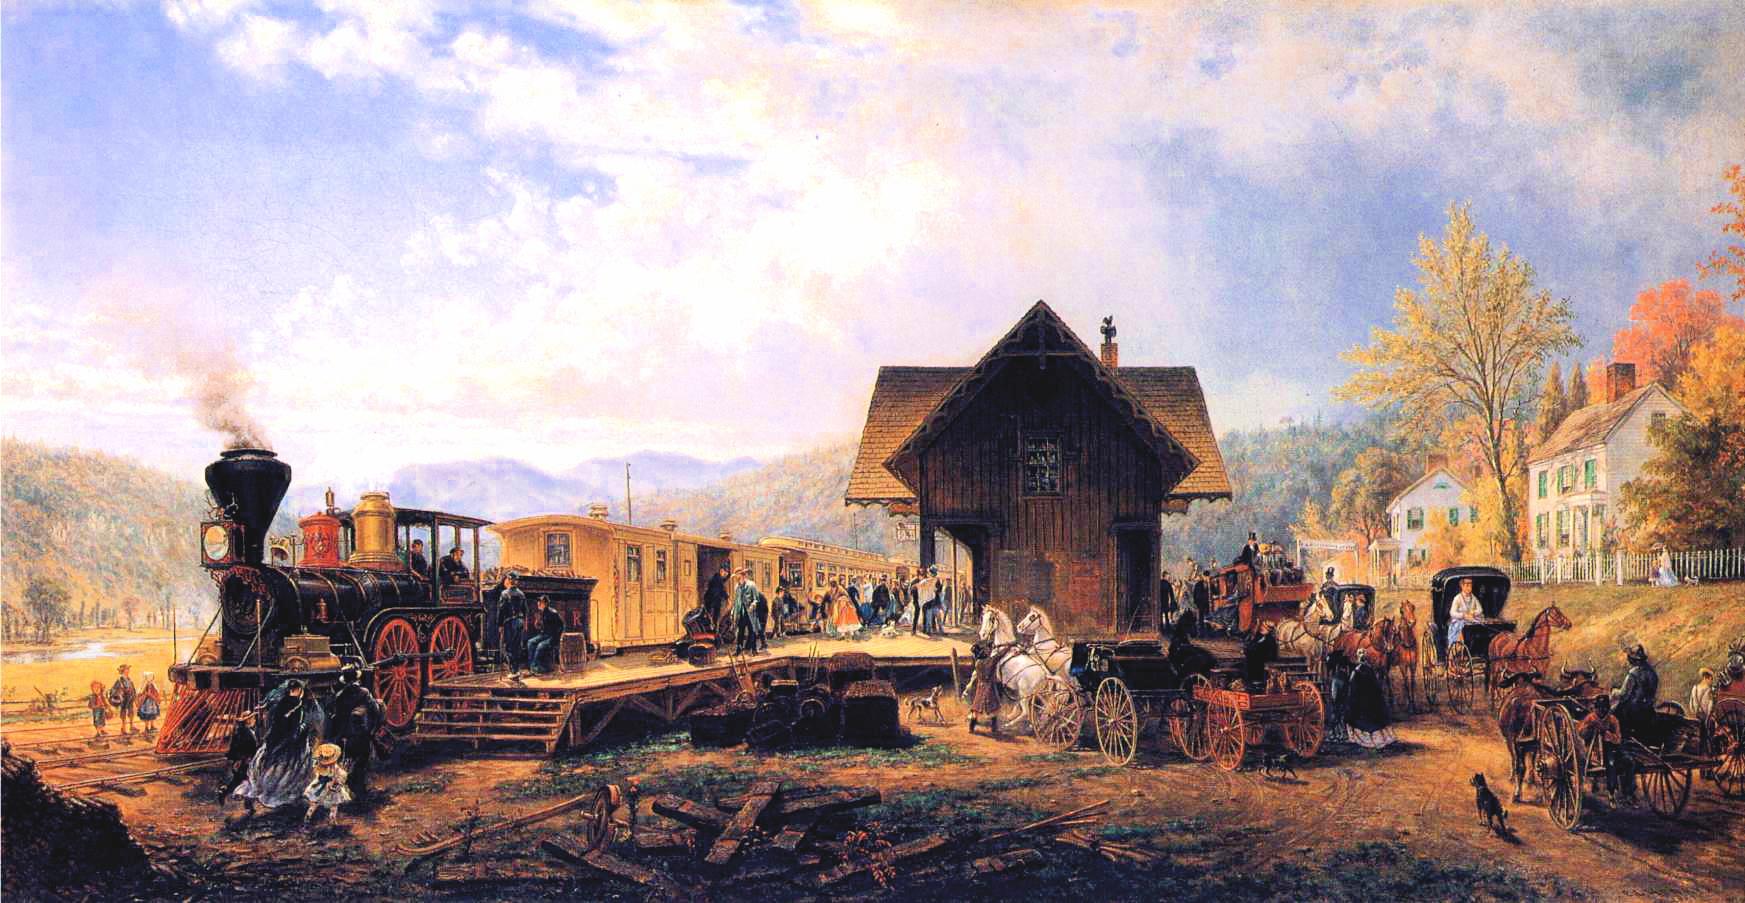 Edward Lamson Henry - The 945 Accommodation